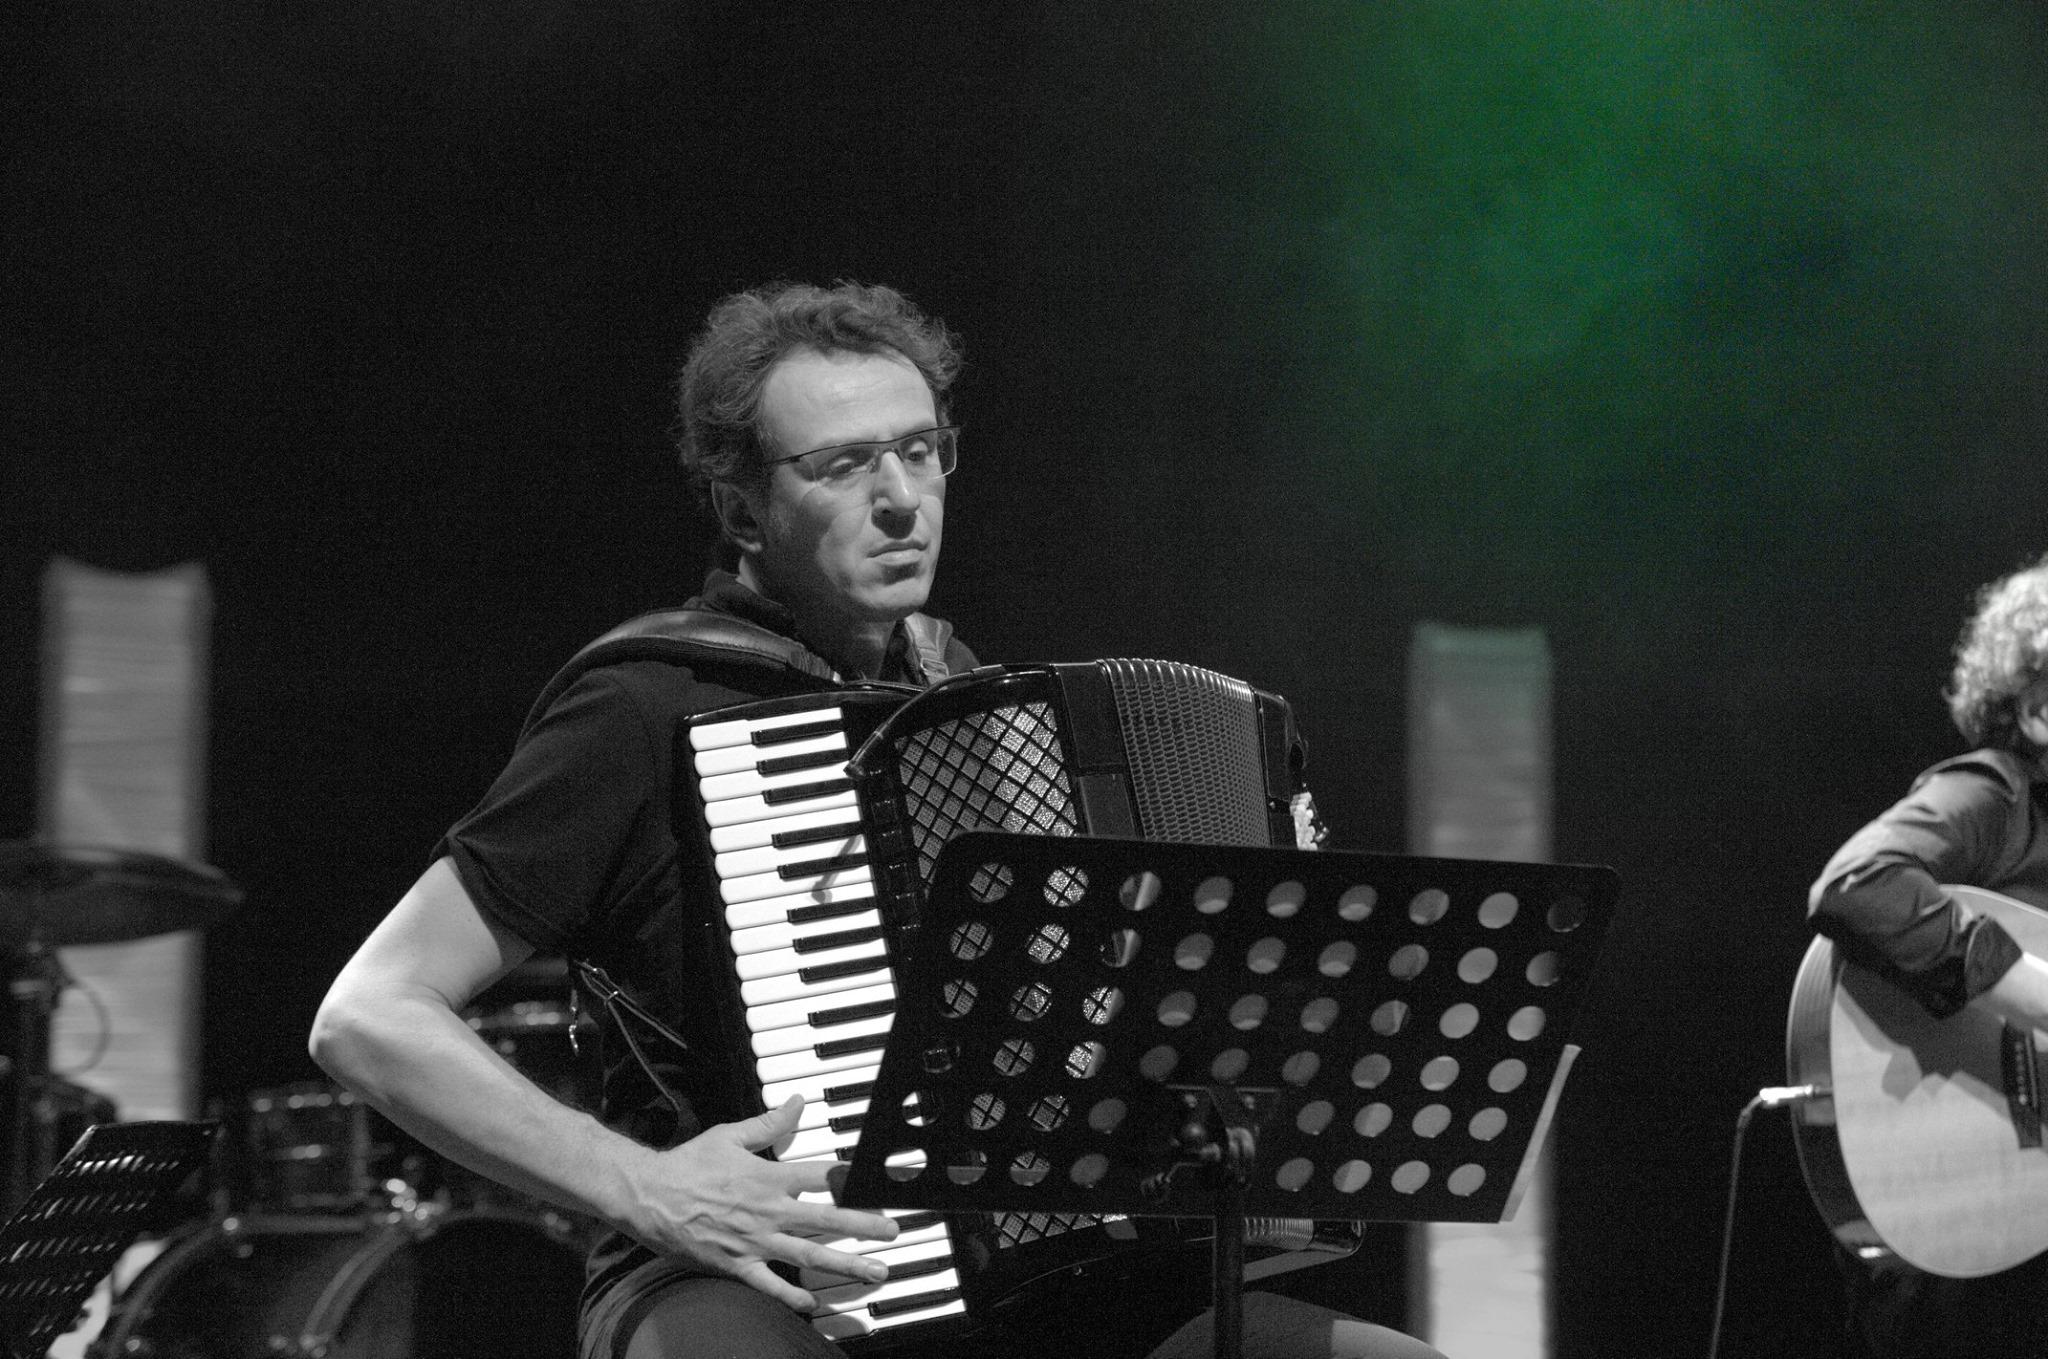 Nicolas Arnoult